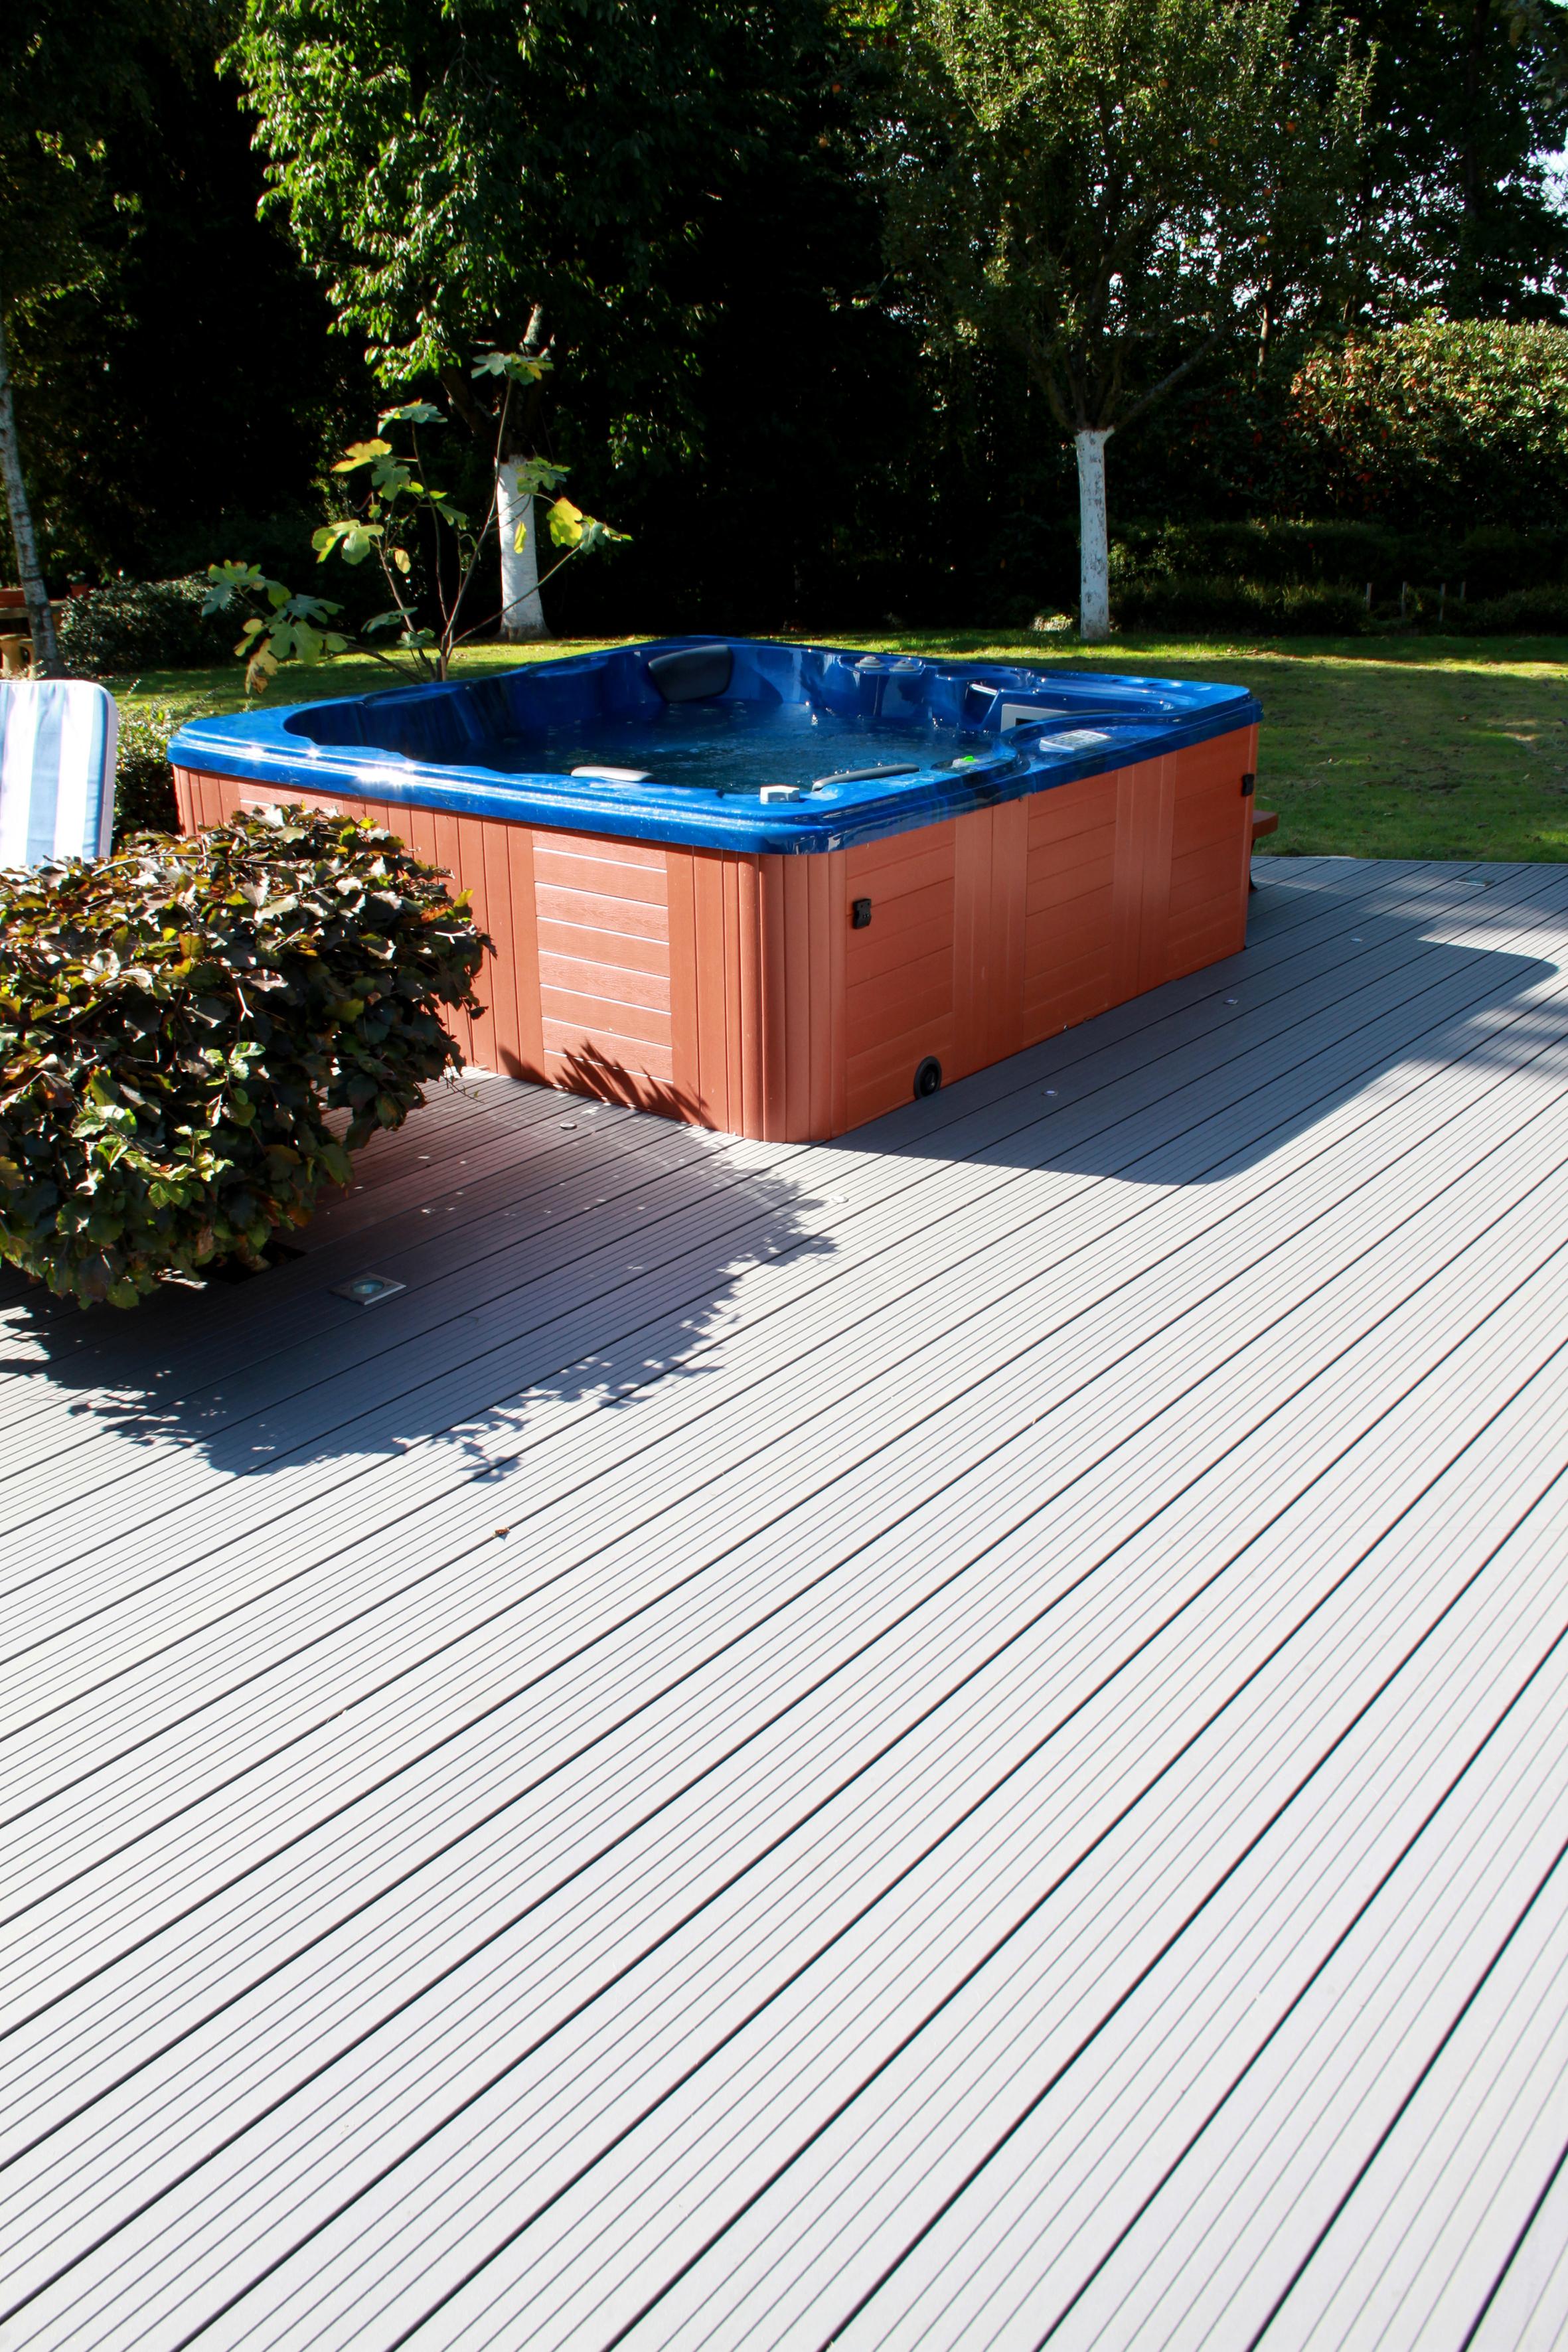 terrasse chanvre composite cologique 22x138 marron fonc acheter au meilleur prix. Black Bedroom Furniture Sets. Home Design Ideas